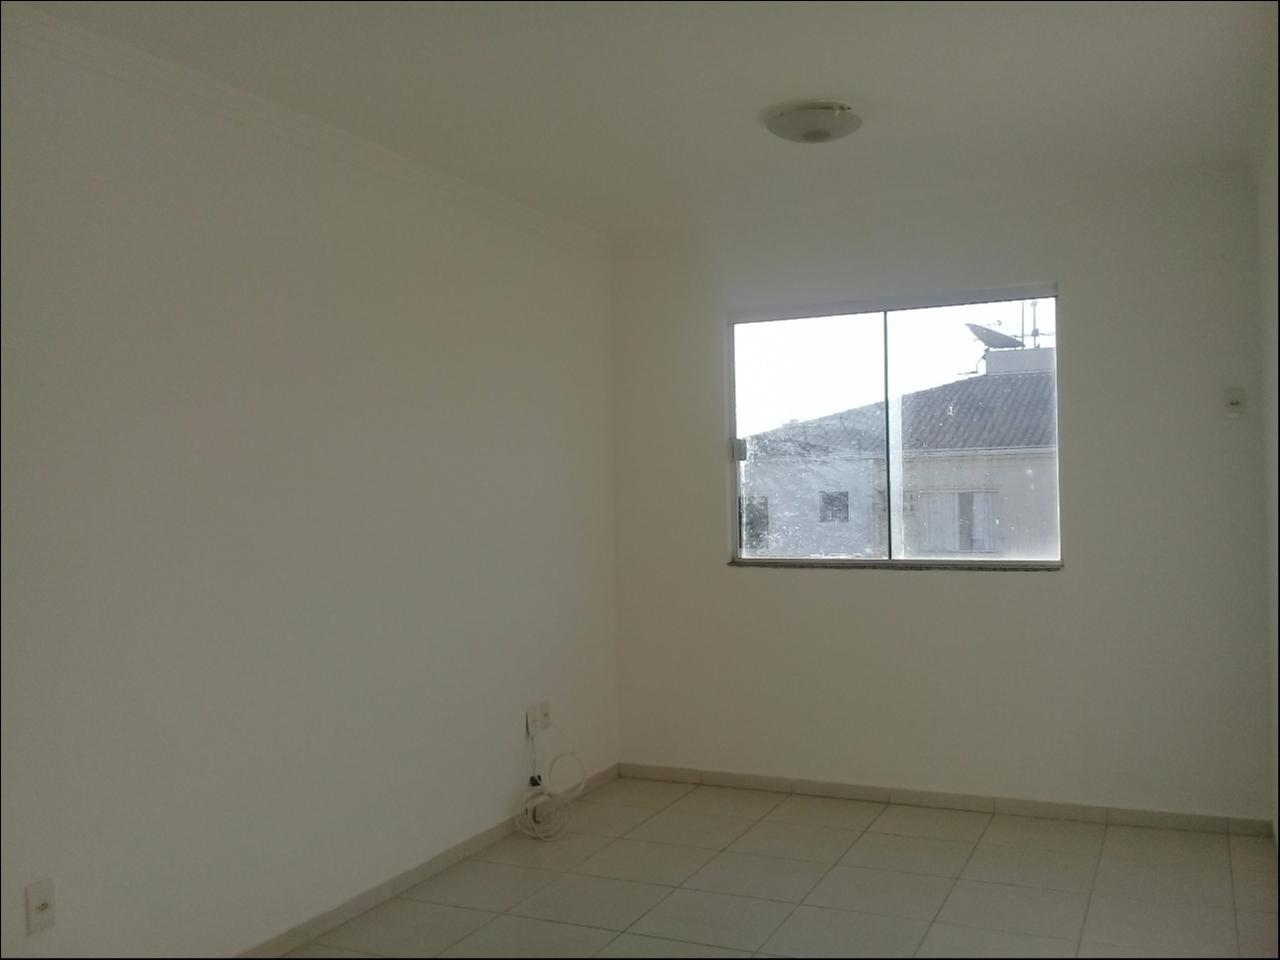 Apartamento para aluguel,  com 2 quartos em Cuiabá MT 101 11024